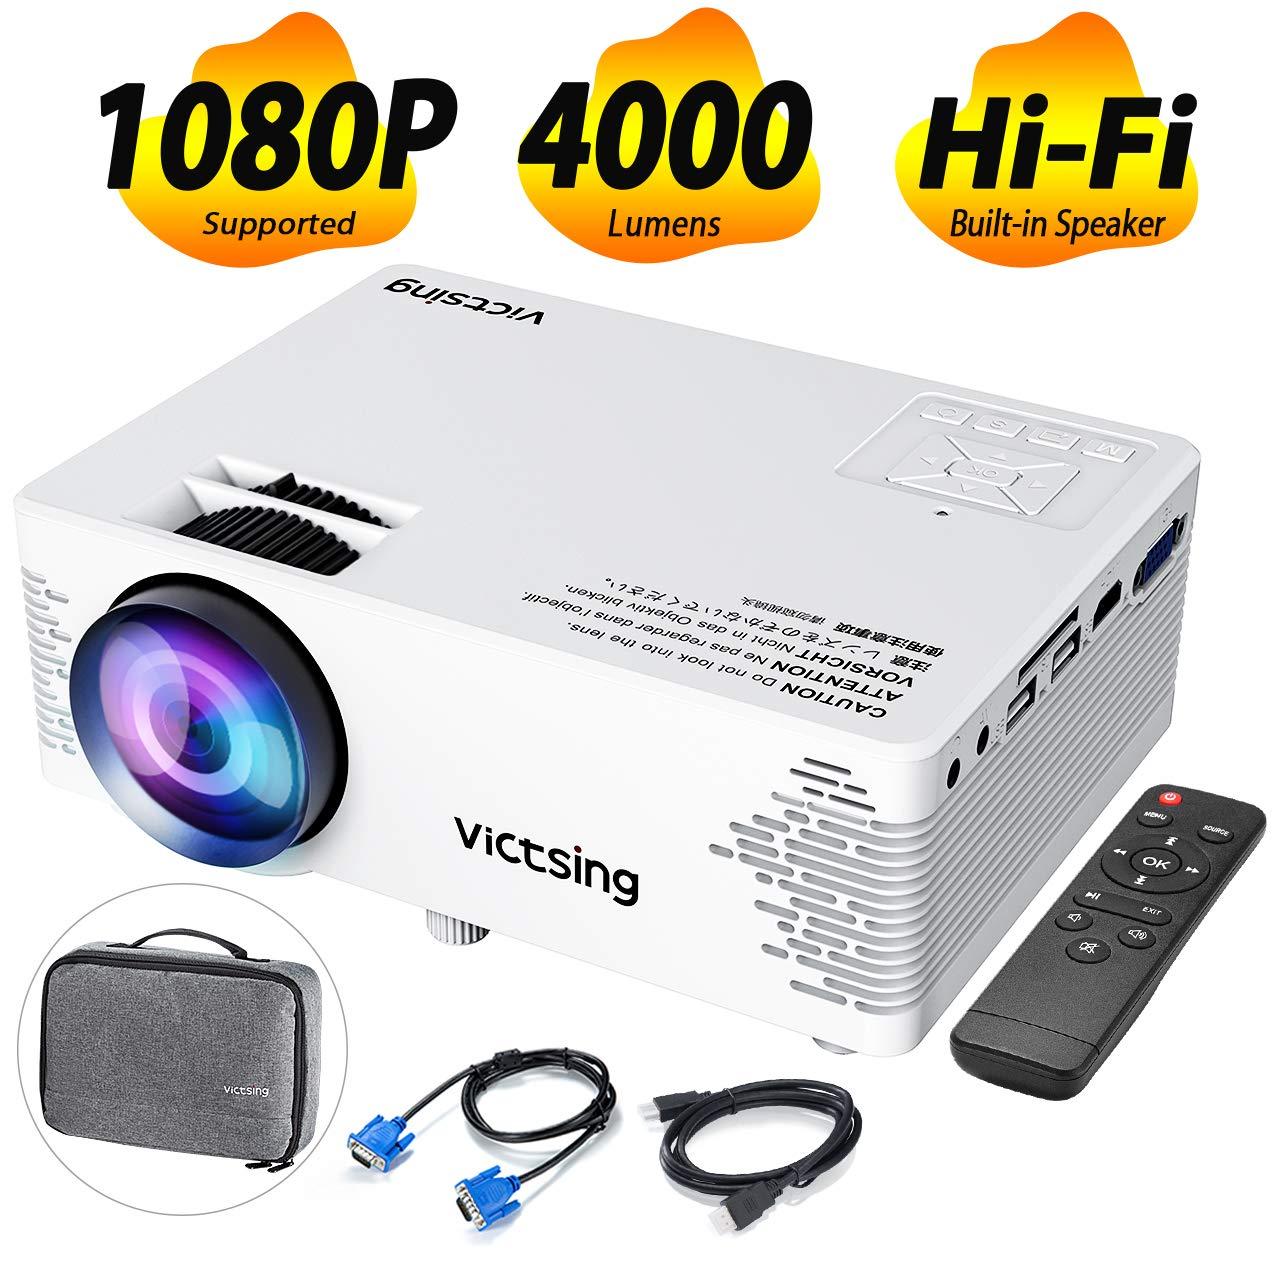 VicTsing Proyector Cine en Casa 4000 Lumenes y 50000 hrs de Vida, Mini Proyector Portatil, con Bolsa Portátil, Control Remoto, HDMI/VGA/AV/Cargador Cable, Cepillo Limpia etc: Amazon.es: Electrónica